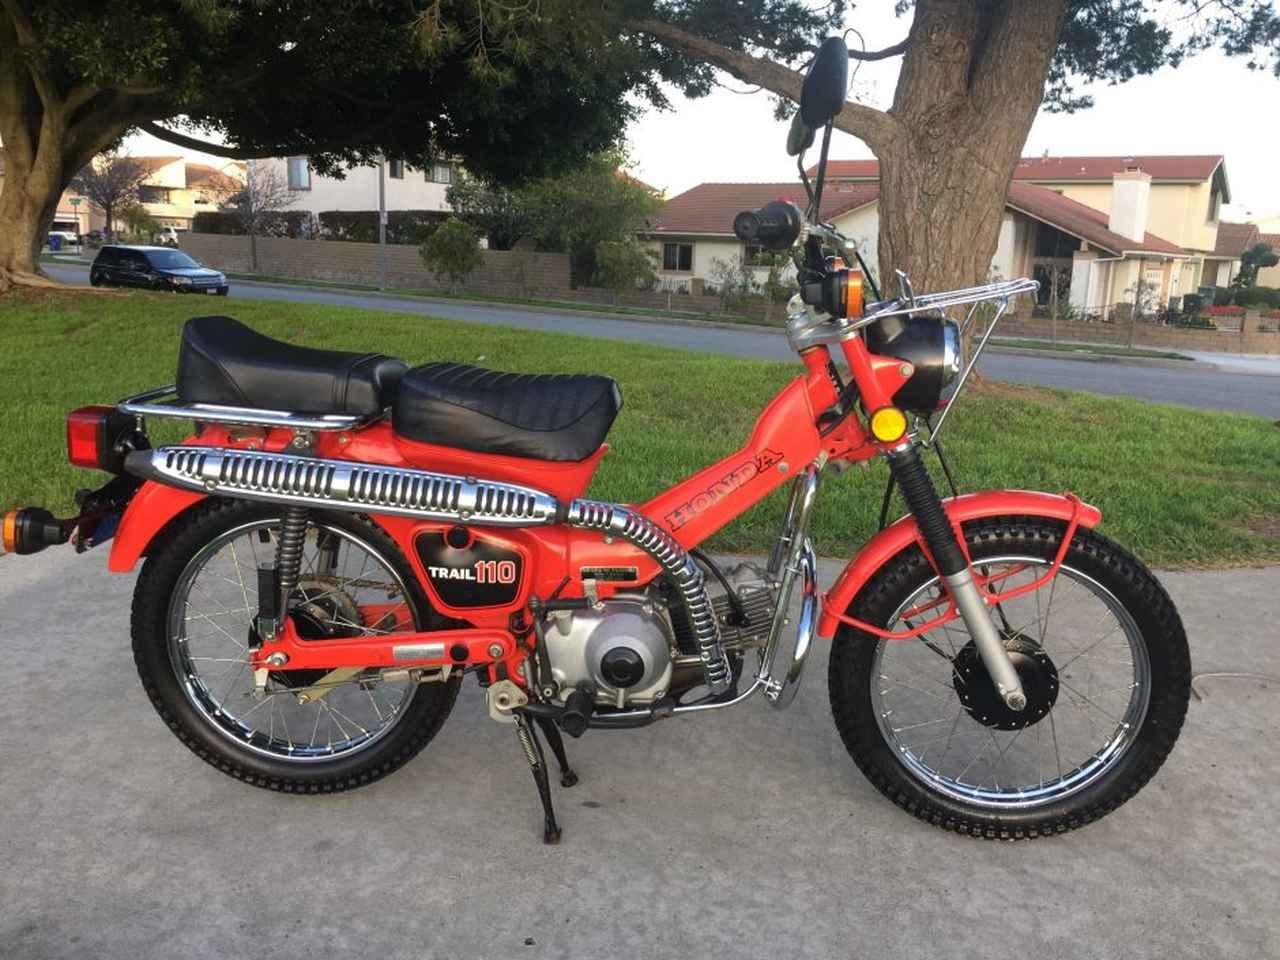 画像: 1981年型輸出市場向けホンダCT110。1980年に登場したCT110は、21世紀の時代にも生き残るロングセラーになりました。 bringatrailer.com